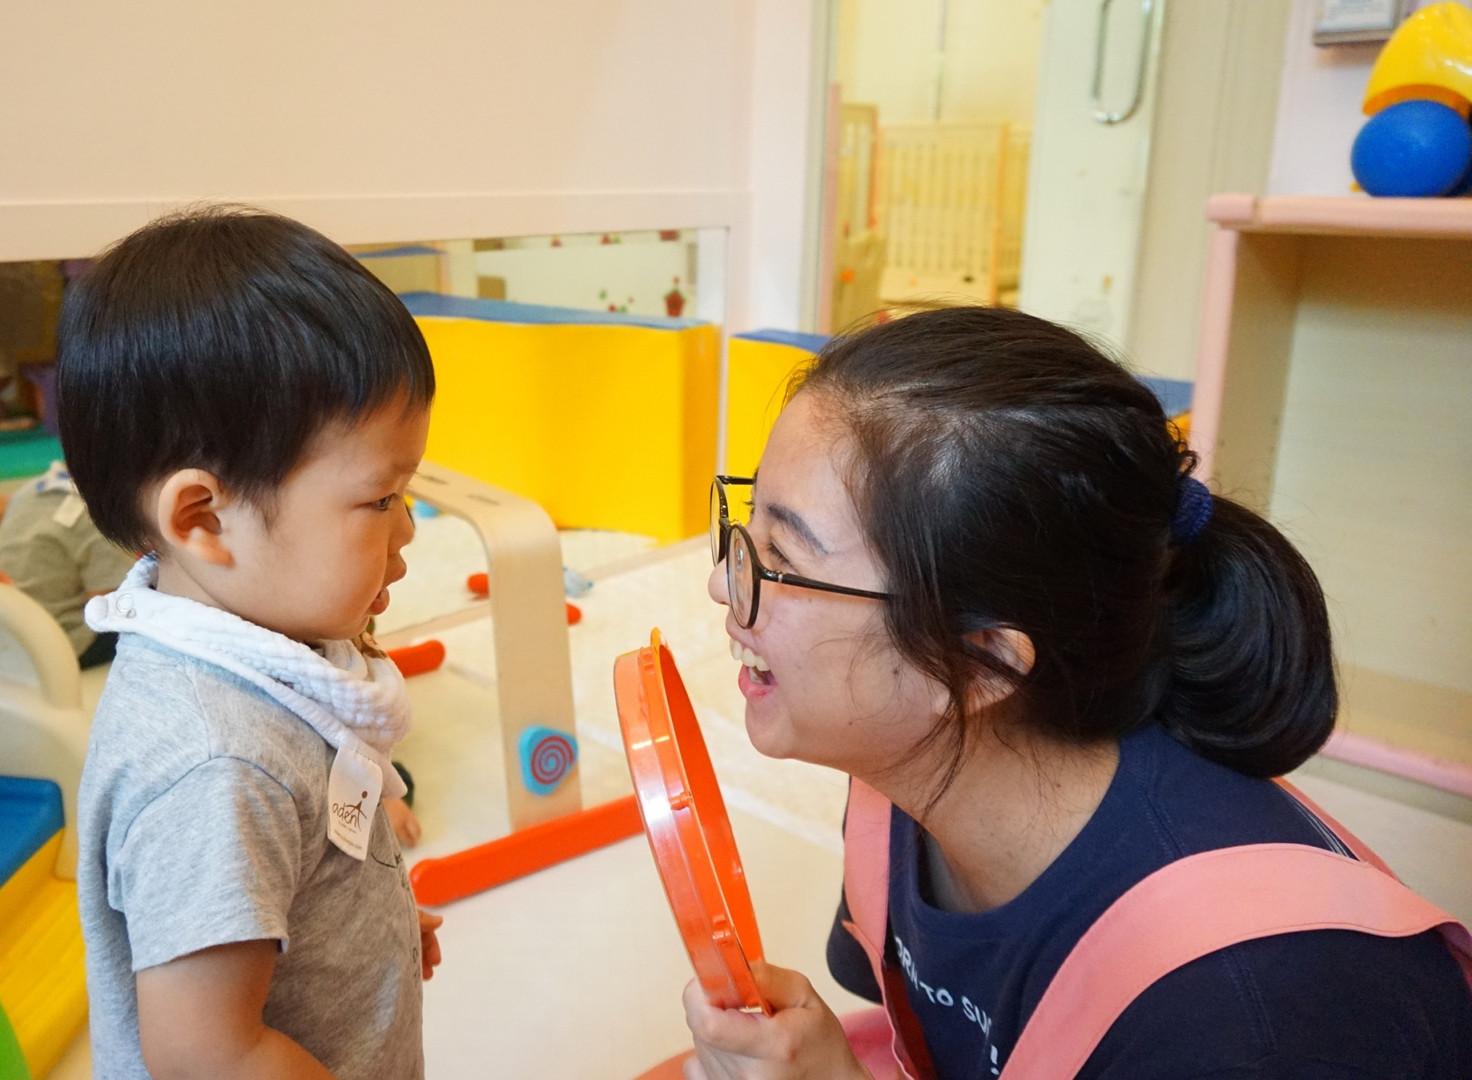 一館新老師與孩子互動照片(下圖為範本)_190821_0023.jpg